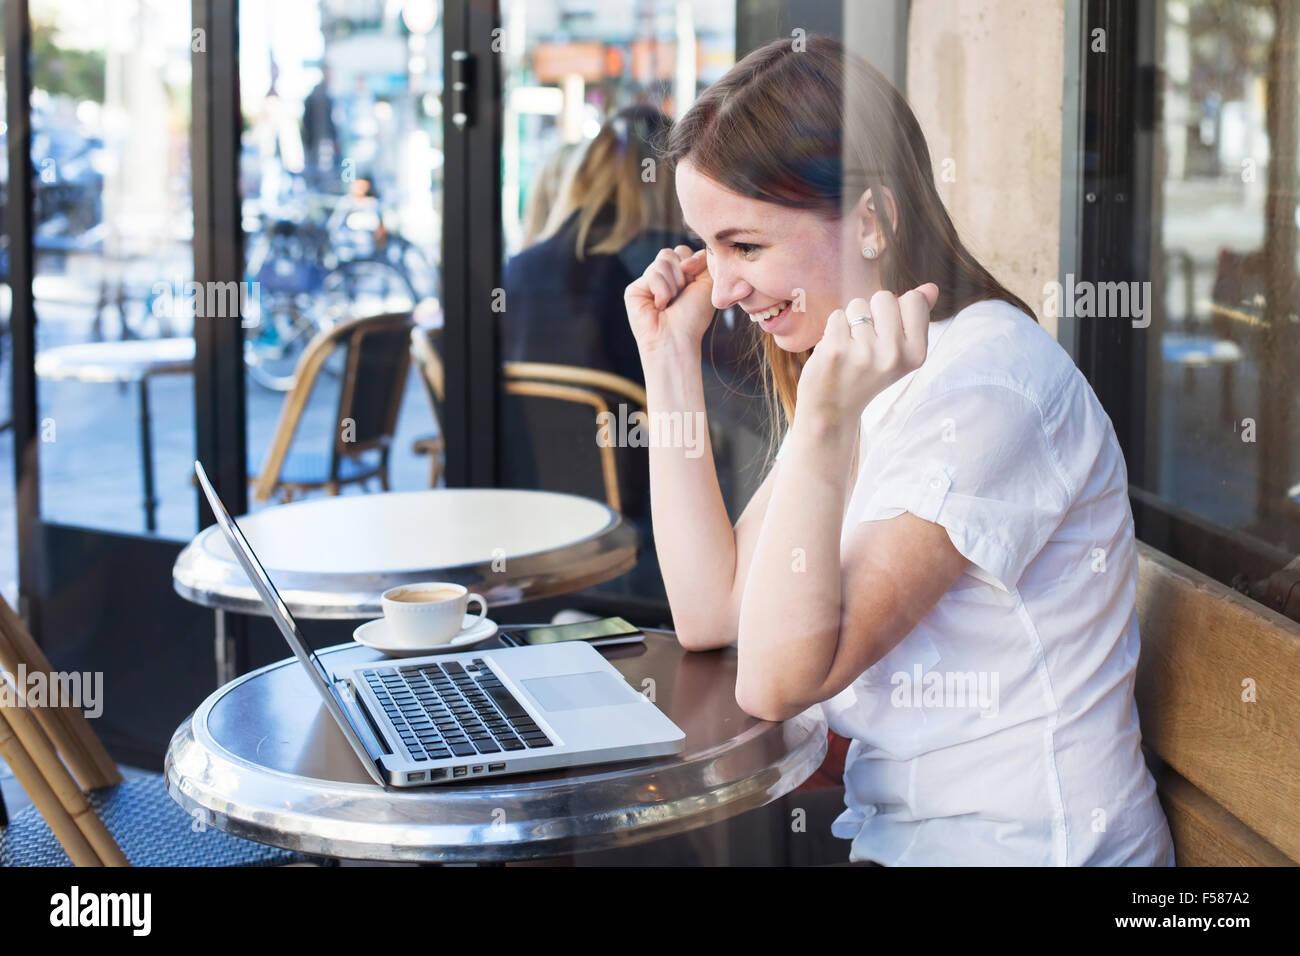 Bonne nouvelle, heureux gagnant, concept lucky girl en avant de l'ordinateur Photo Stock